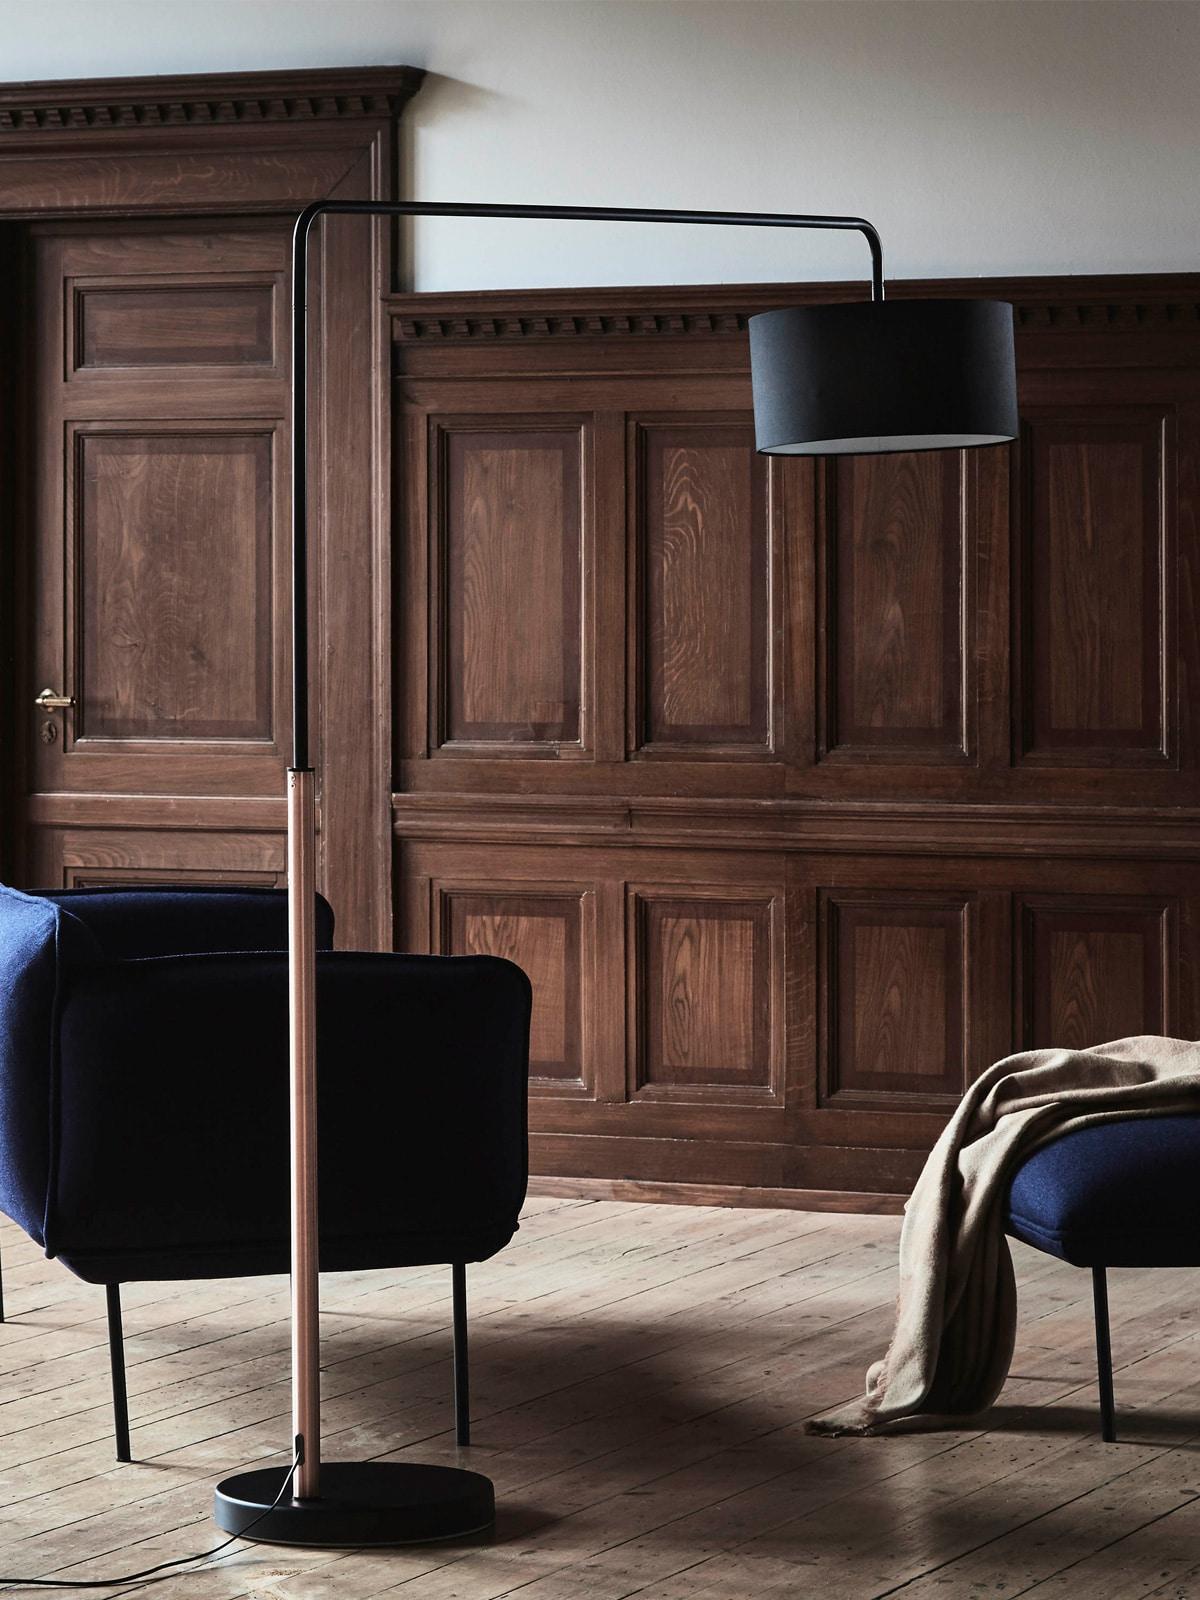 DesignOrt Blog: Bogenlampen Stehleuchte Shower Mega von Frandsen